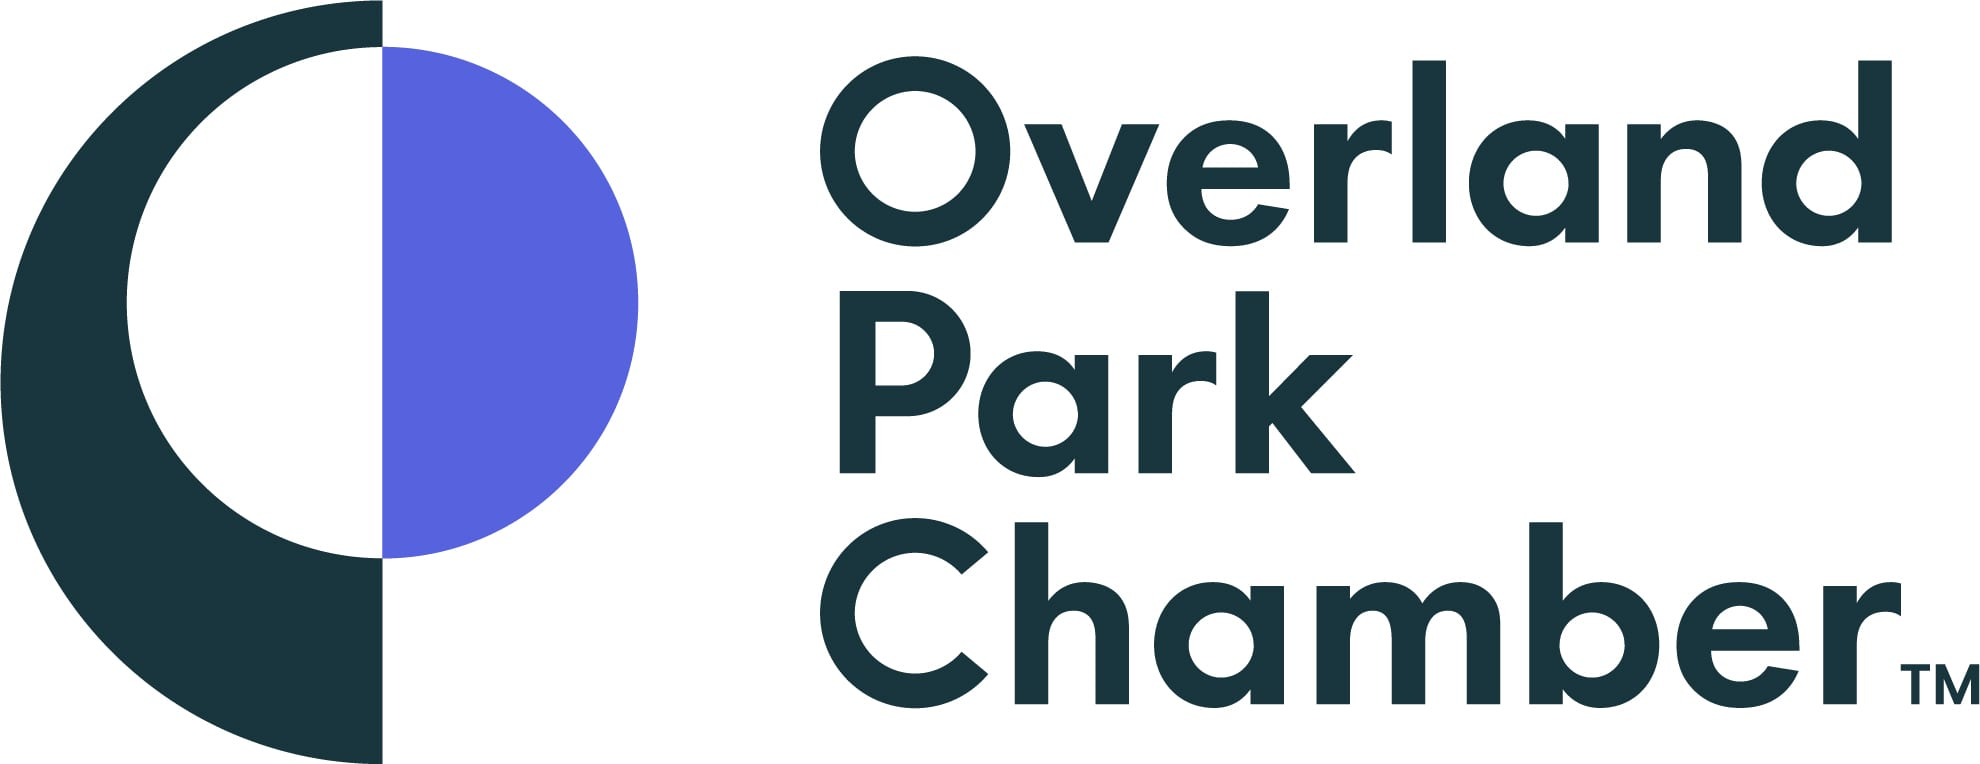 Overland Park Chamber of Commerce logo